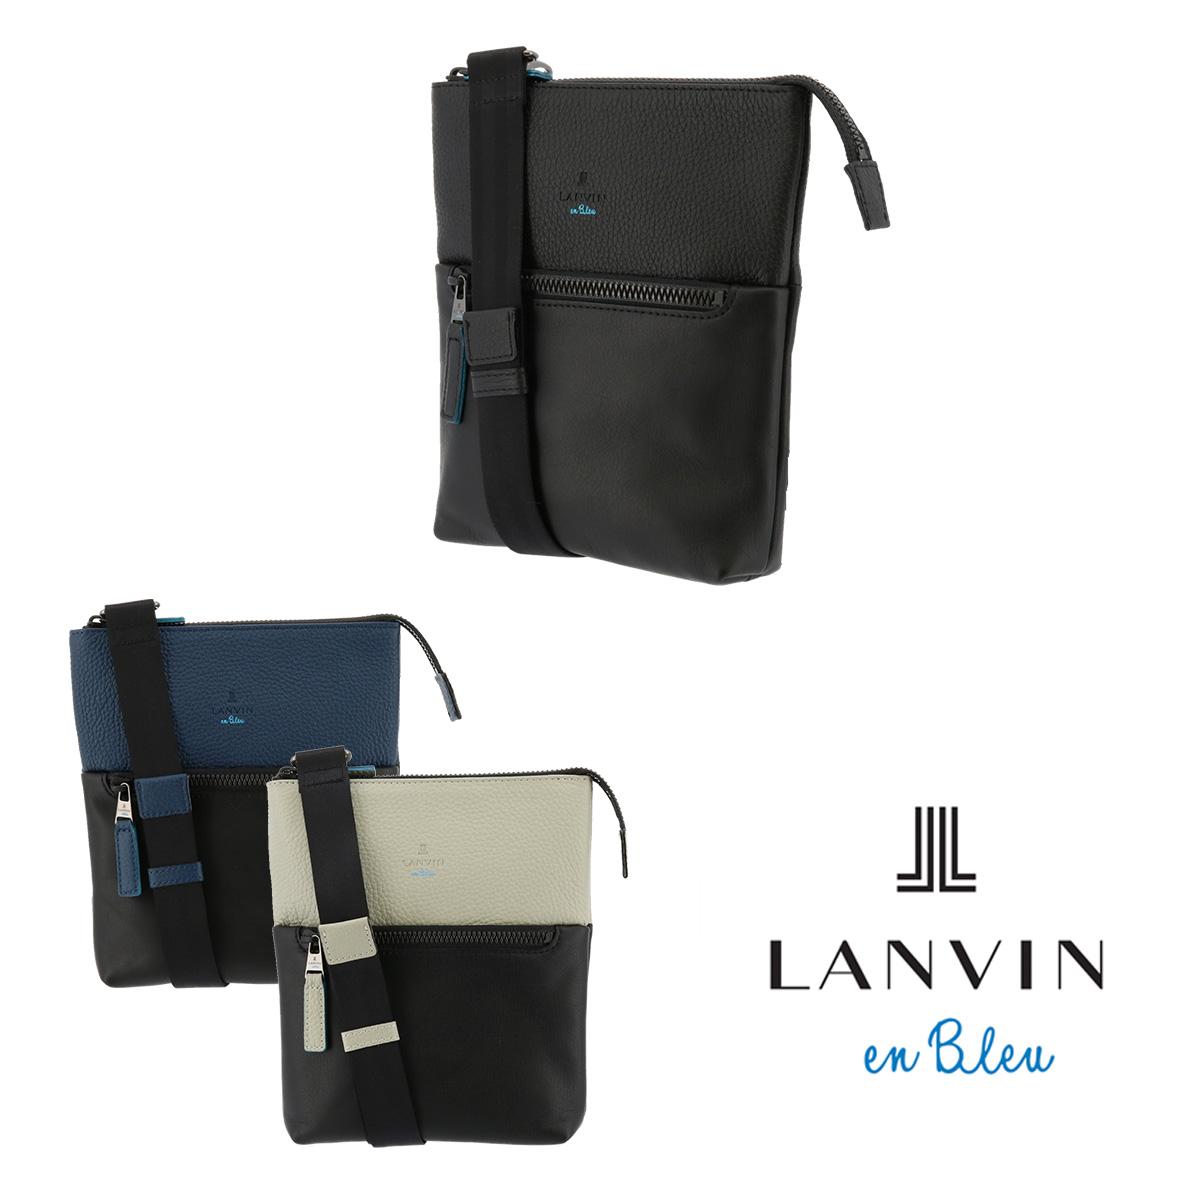 ランバンオンブルー LANVIN en Bleu ショルダーバッグ 574101 フェリチタ 【 メンズ レザー 】[bef][PO10]